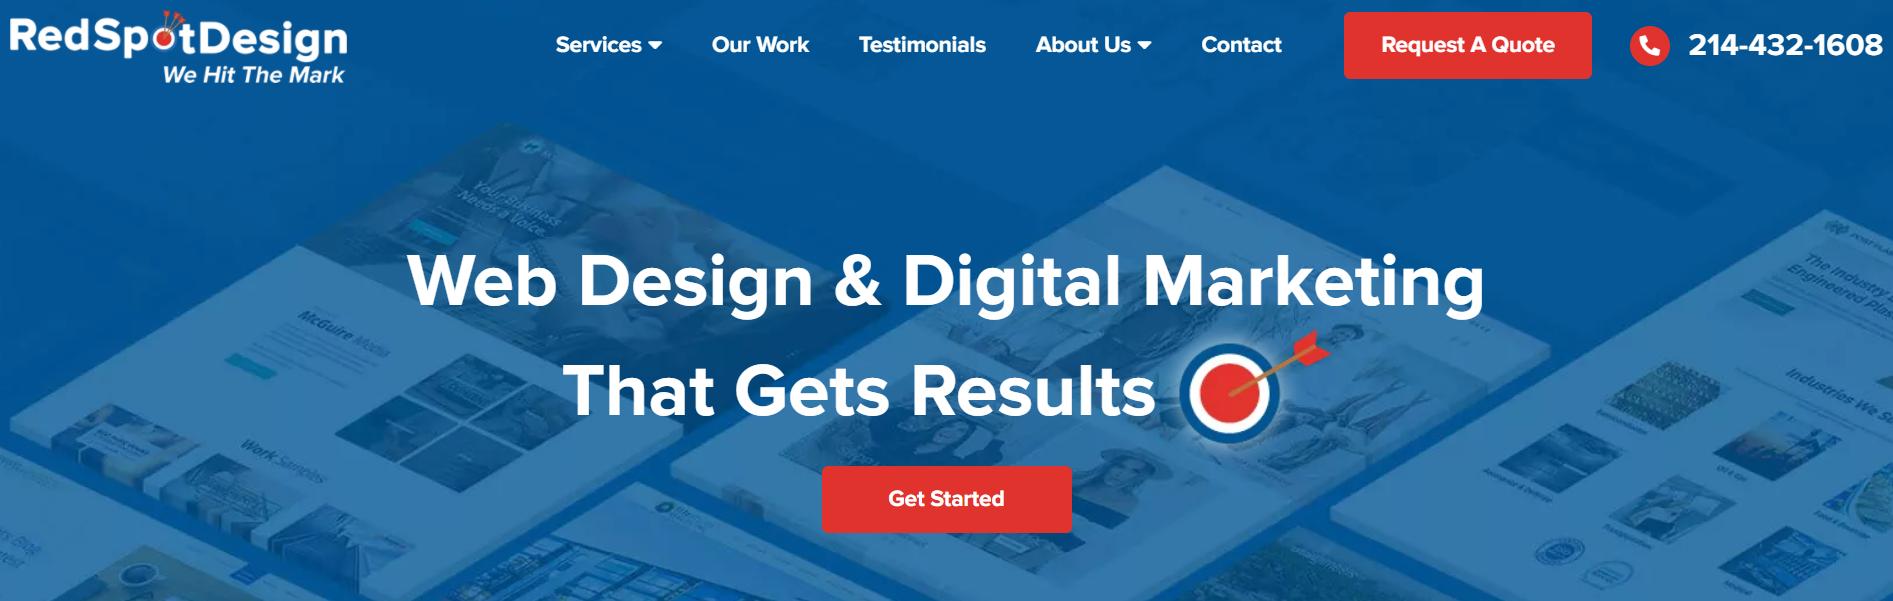 web development companies in Dallas